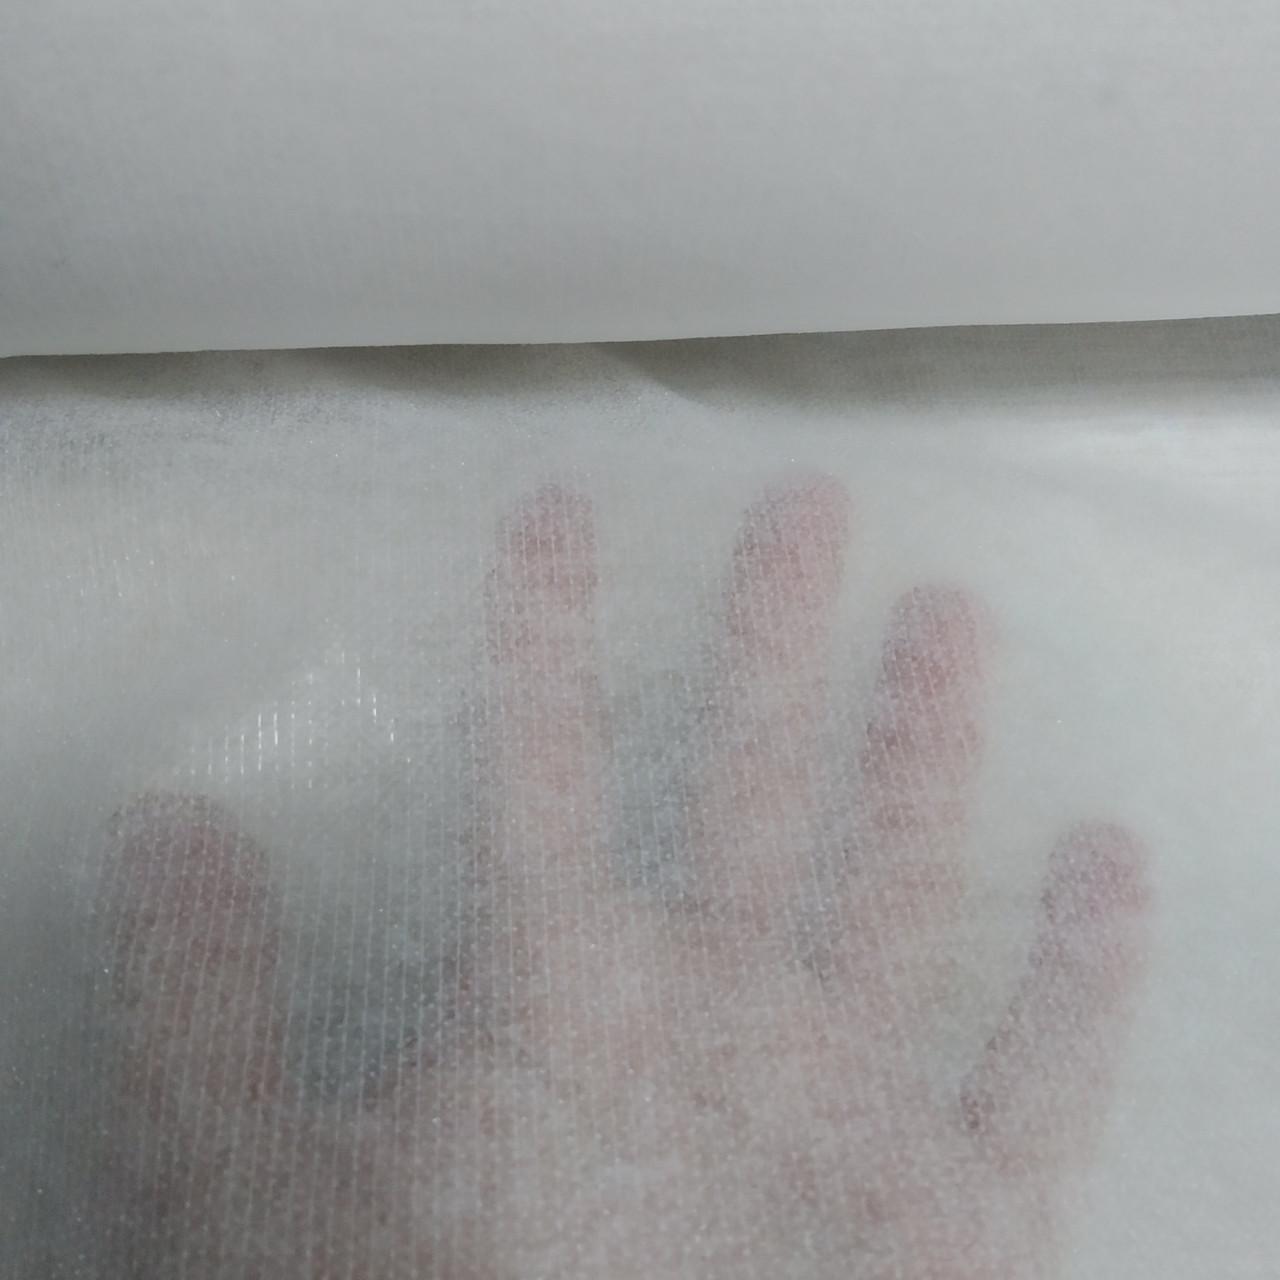 Флезелін клеєвий прошитий, колір білий, ширина 90см